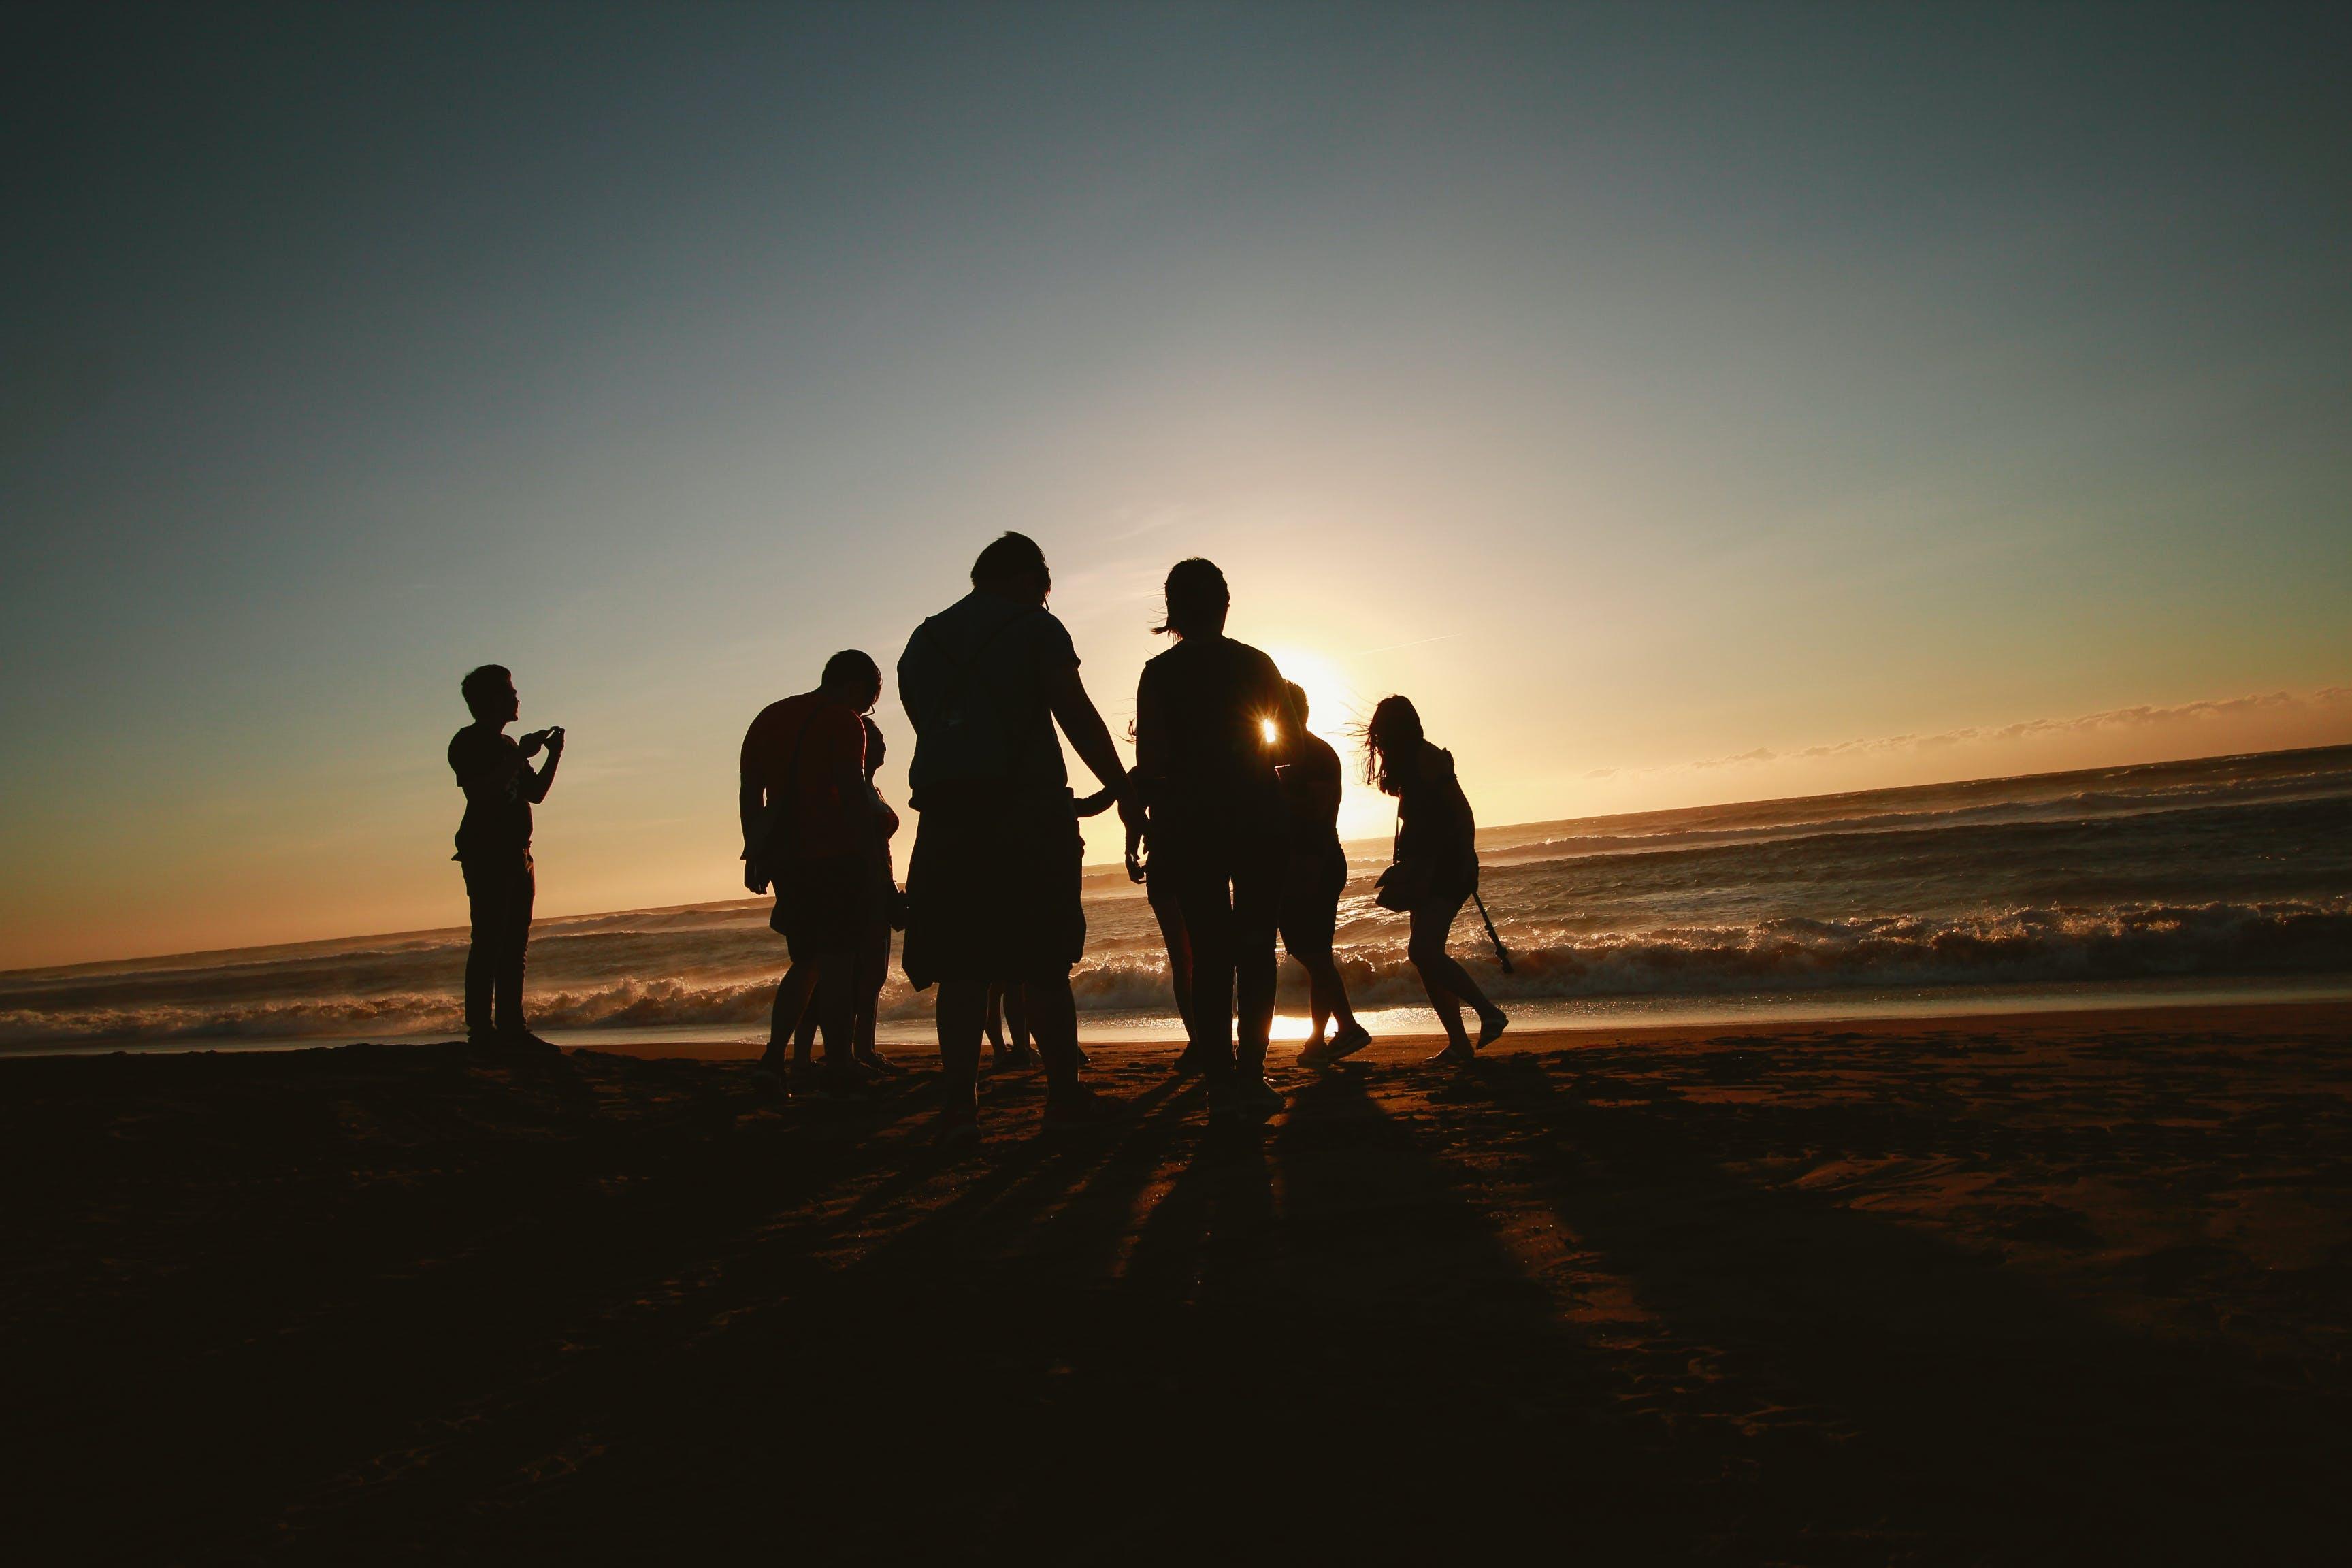 Δωρεάν στοκ φωτογραφιών με oceanshore, ακτή, ακτή του ωκεανού, άμμος